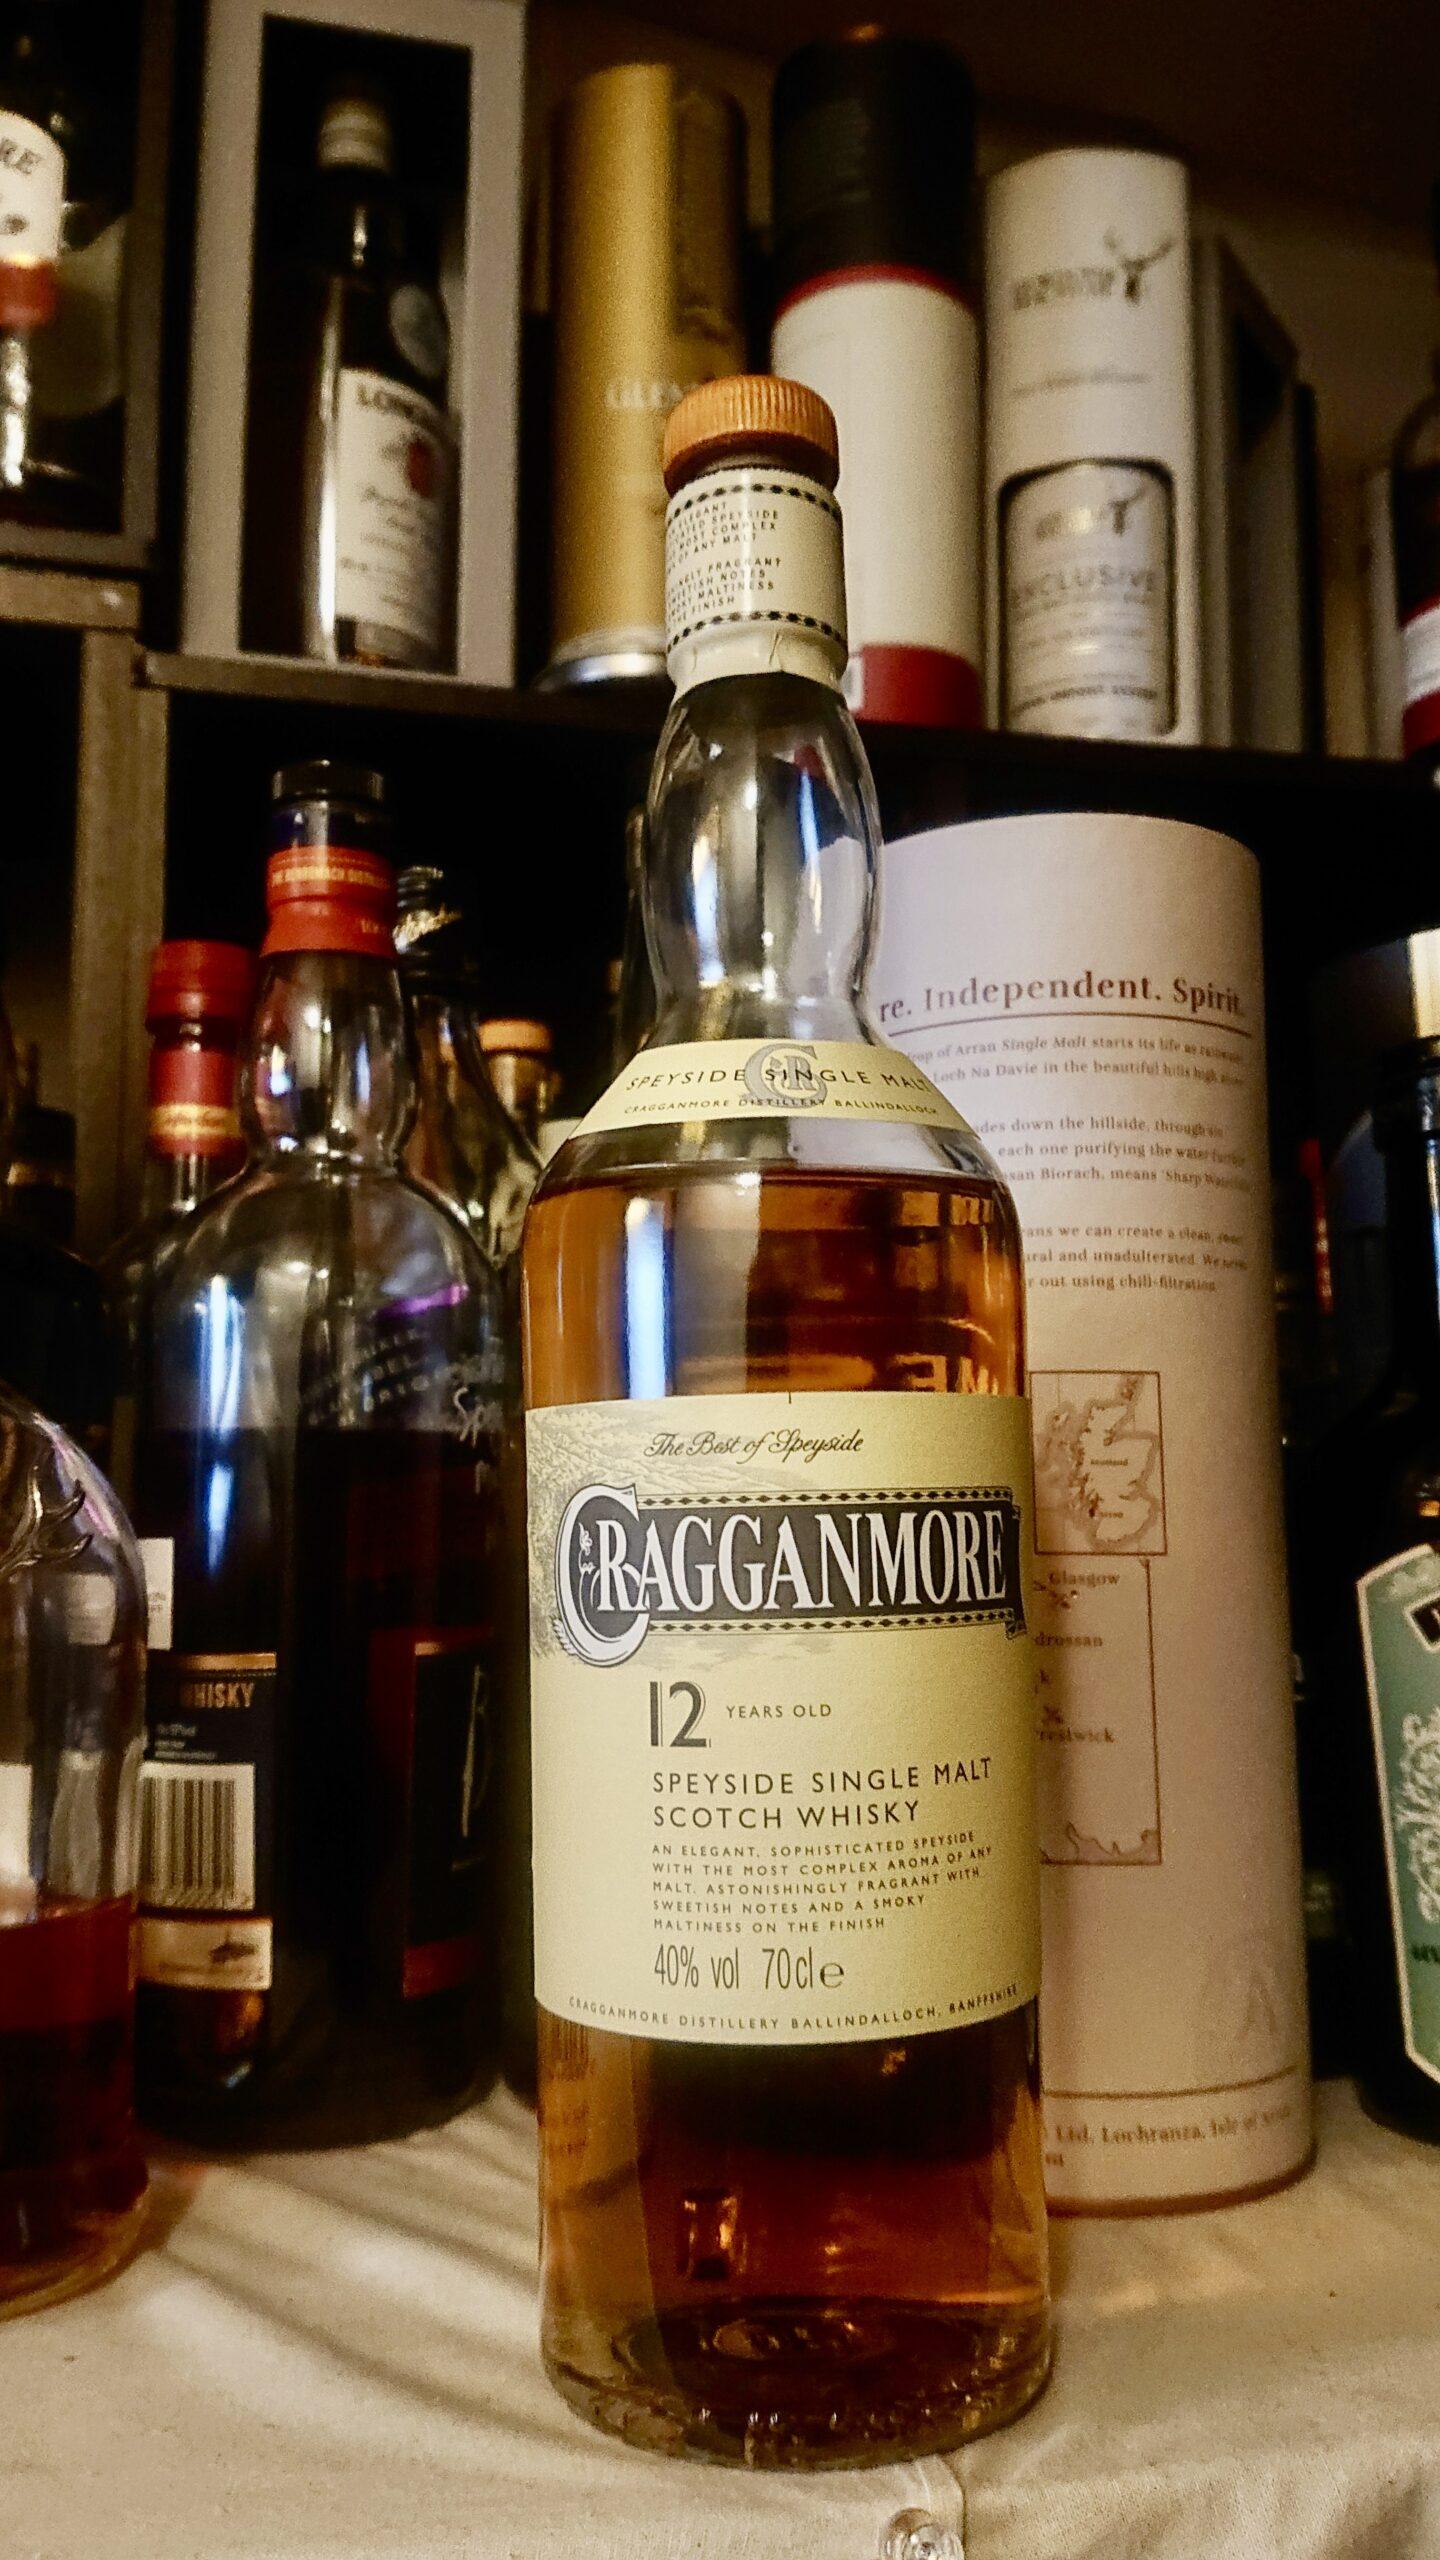 クラガンモア12年のテイスティング・フルーティで甘く華やか。スペイサイドを代表する端麗美酒